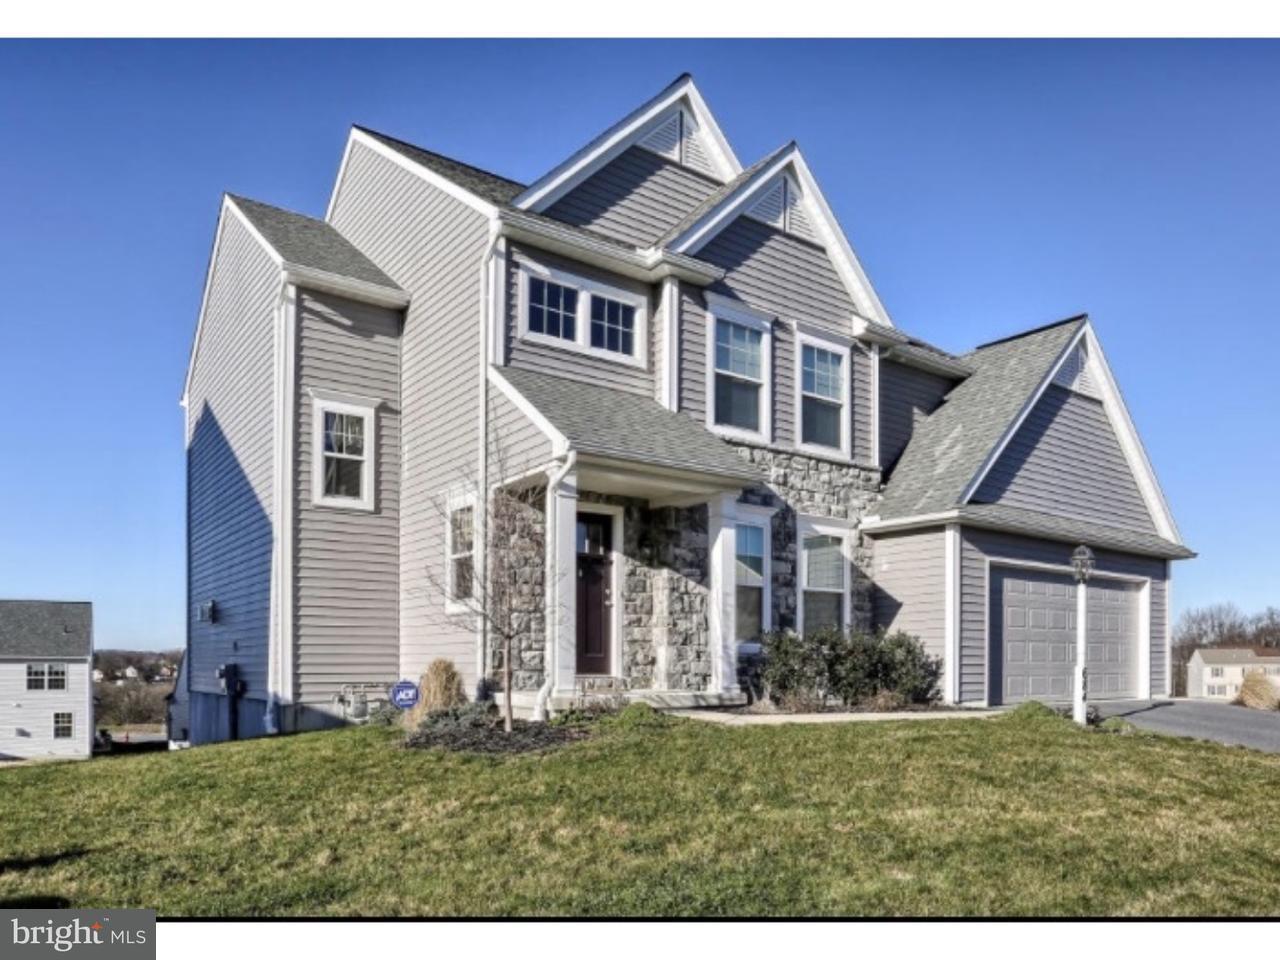 独户住宅 为 销售 在 684 HAMAKER Road 曼海姆, 宾夕法尼亚州 17545 美国